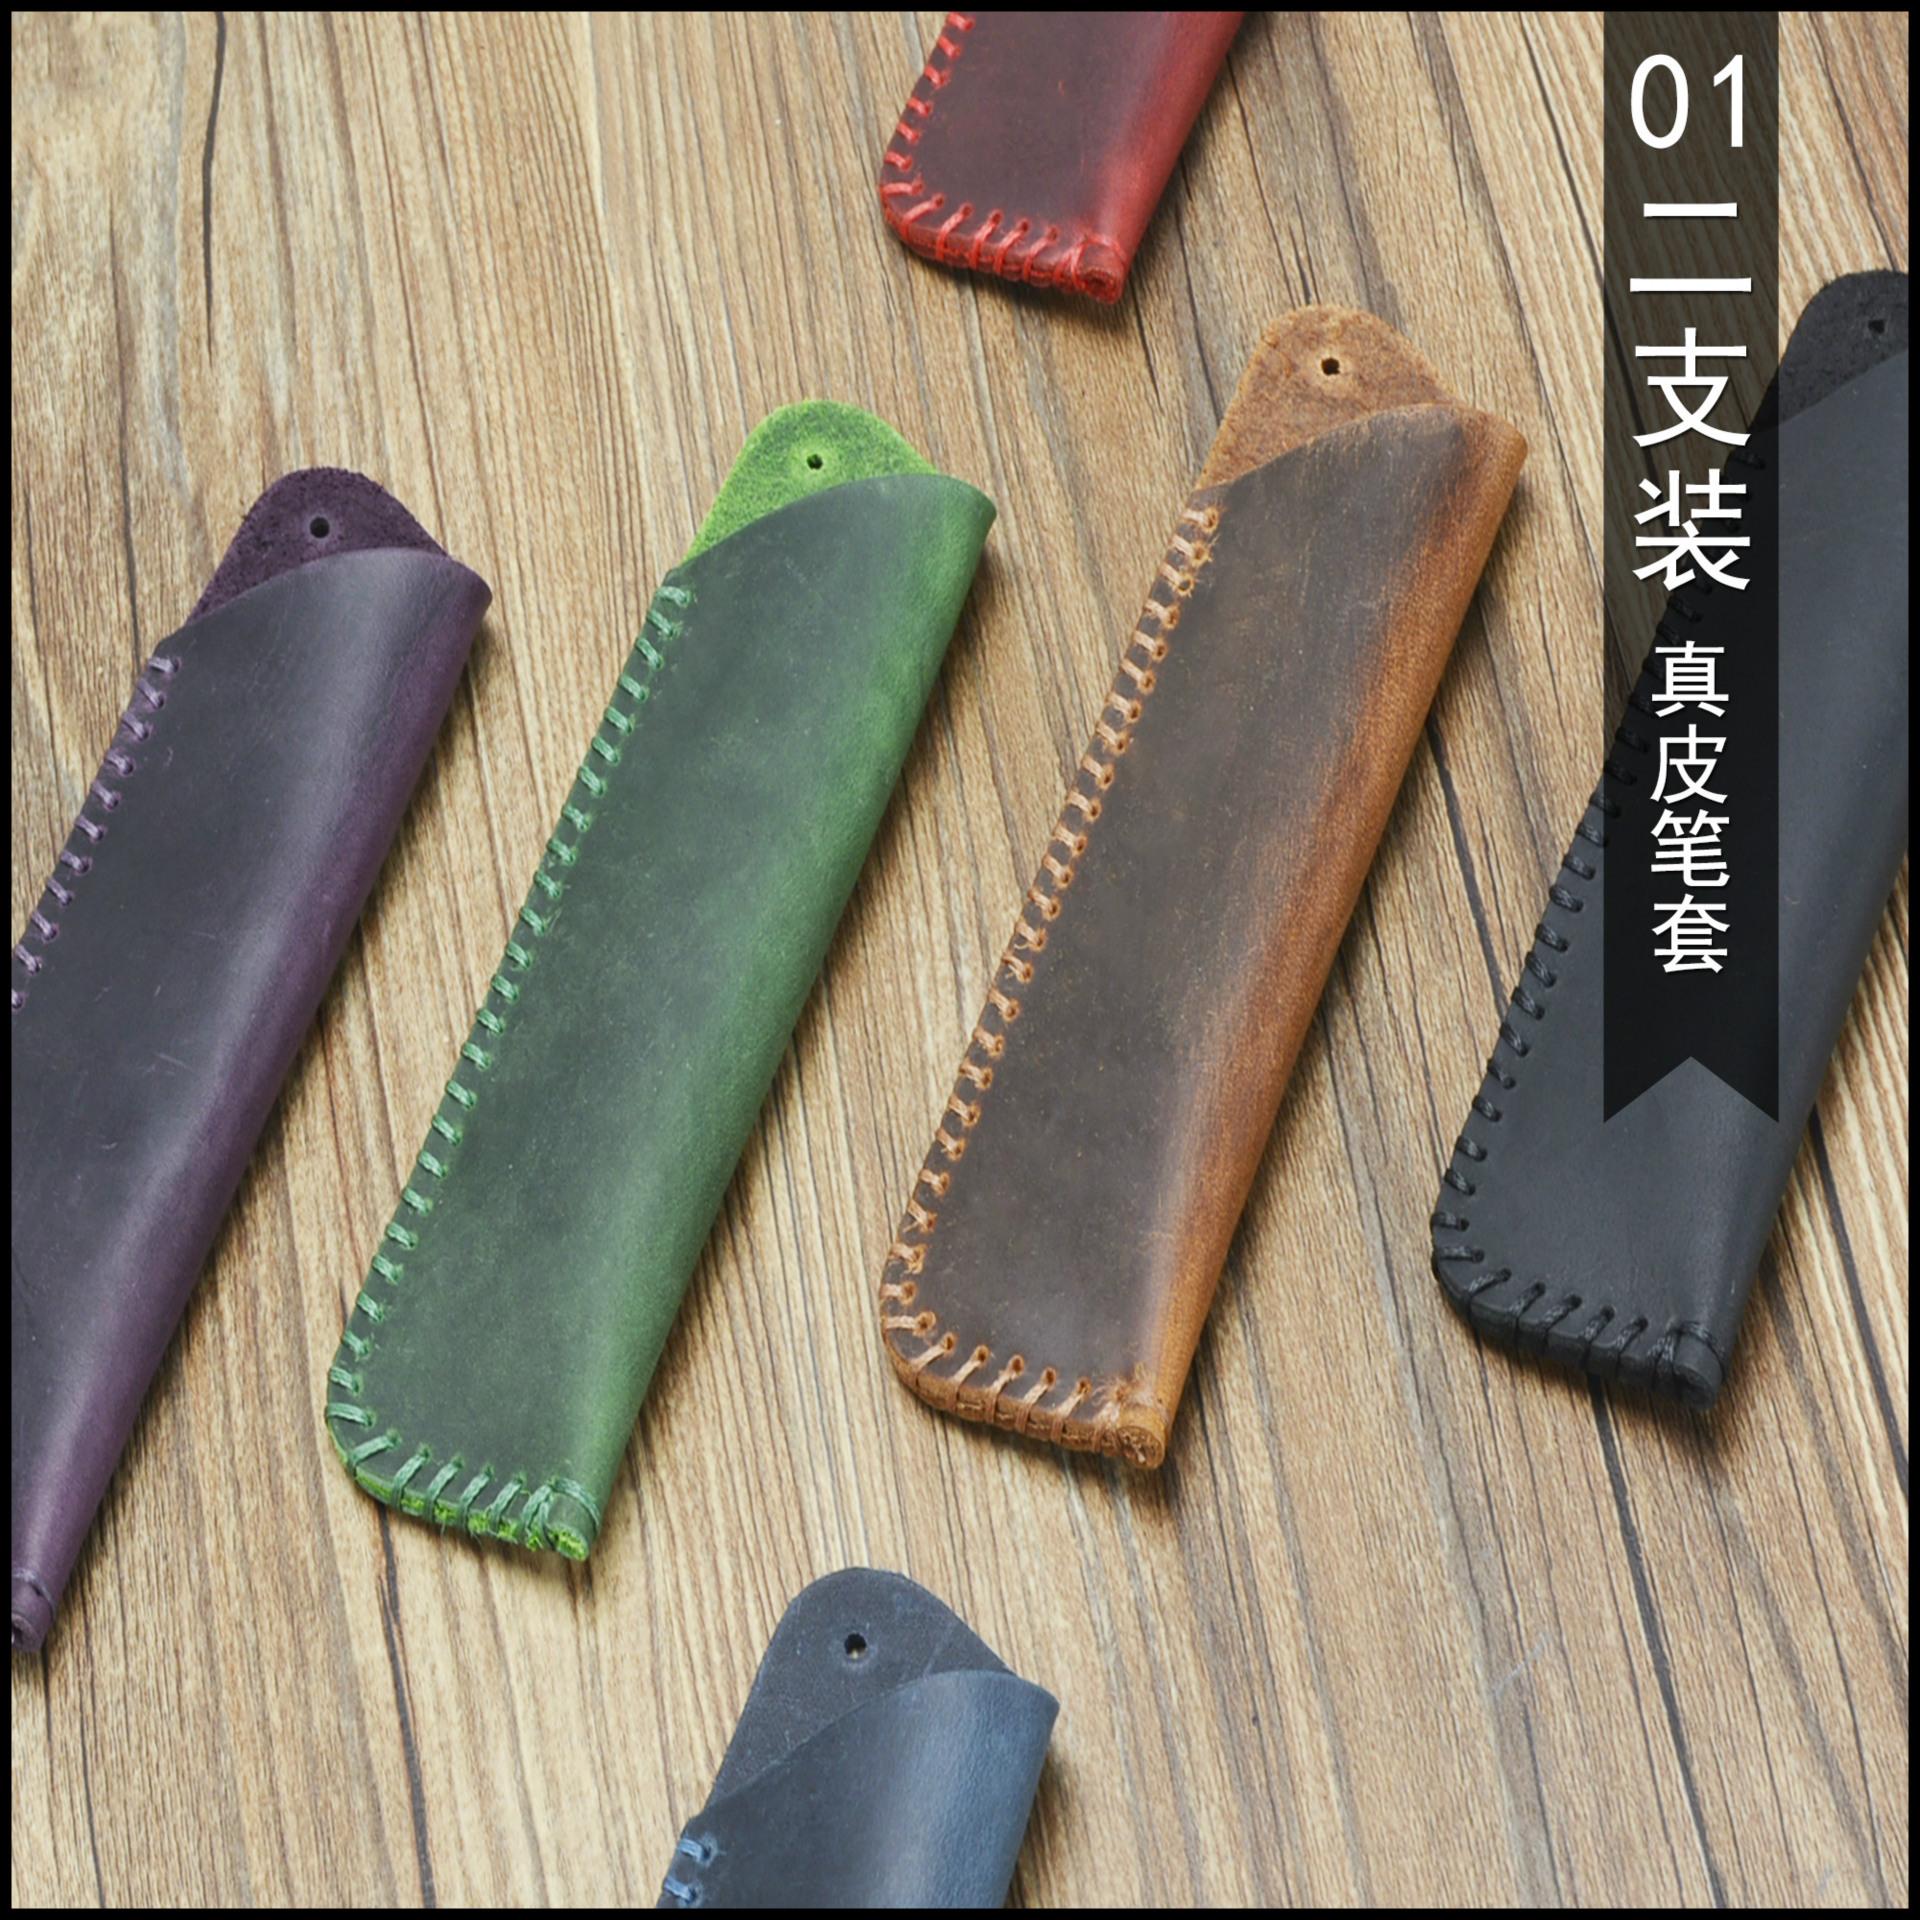 真皮笔套真皮笔袋个性复古纯手工头层牛皮笔套创意保护套可定制-